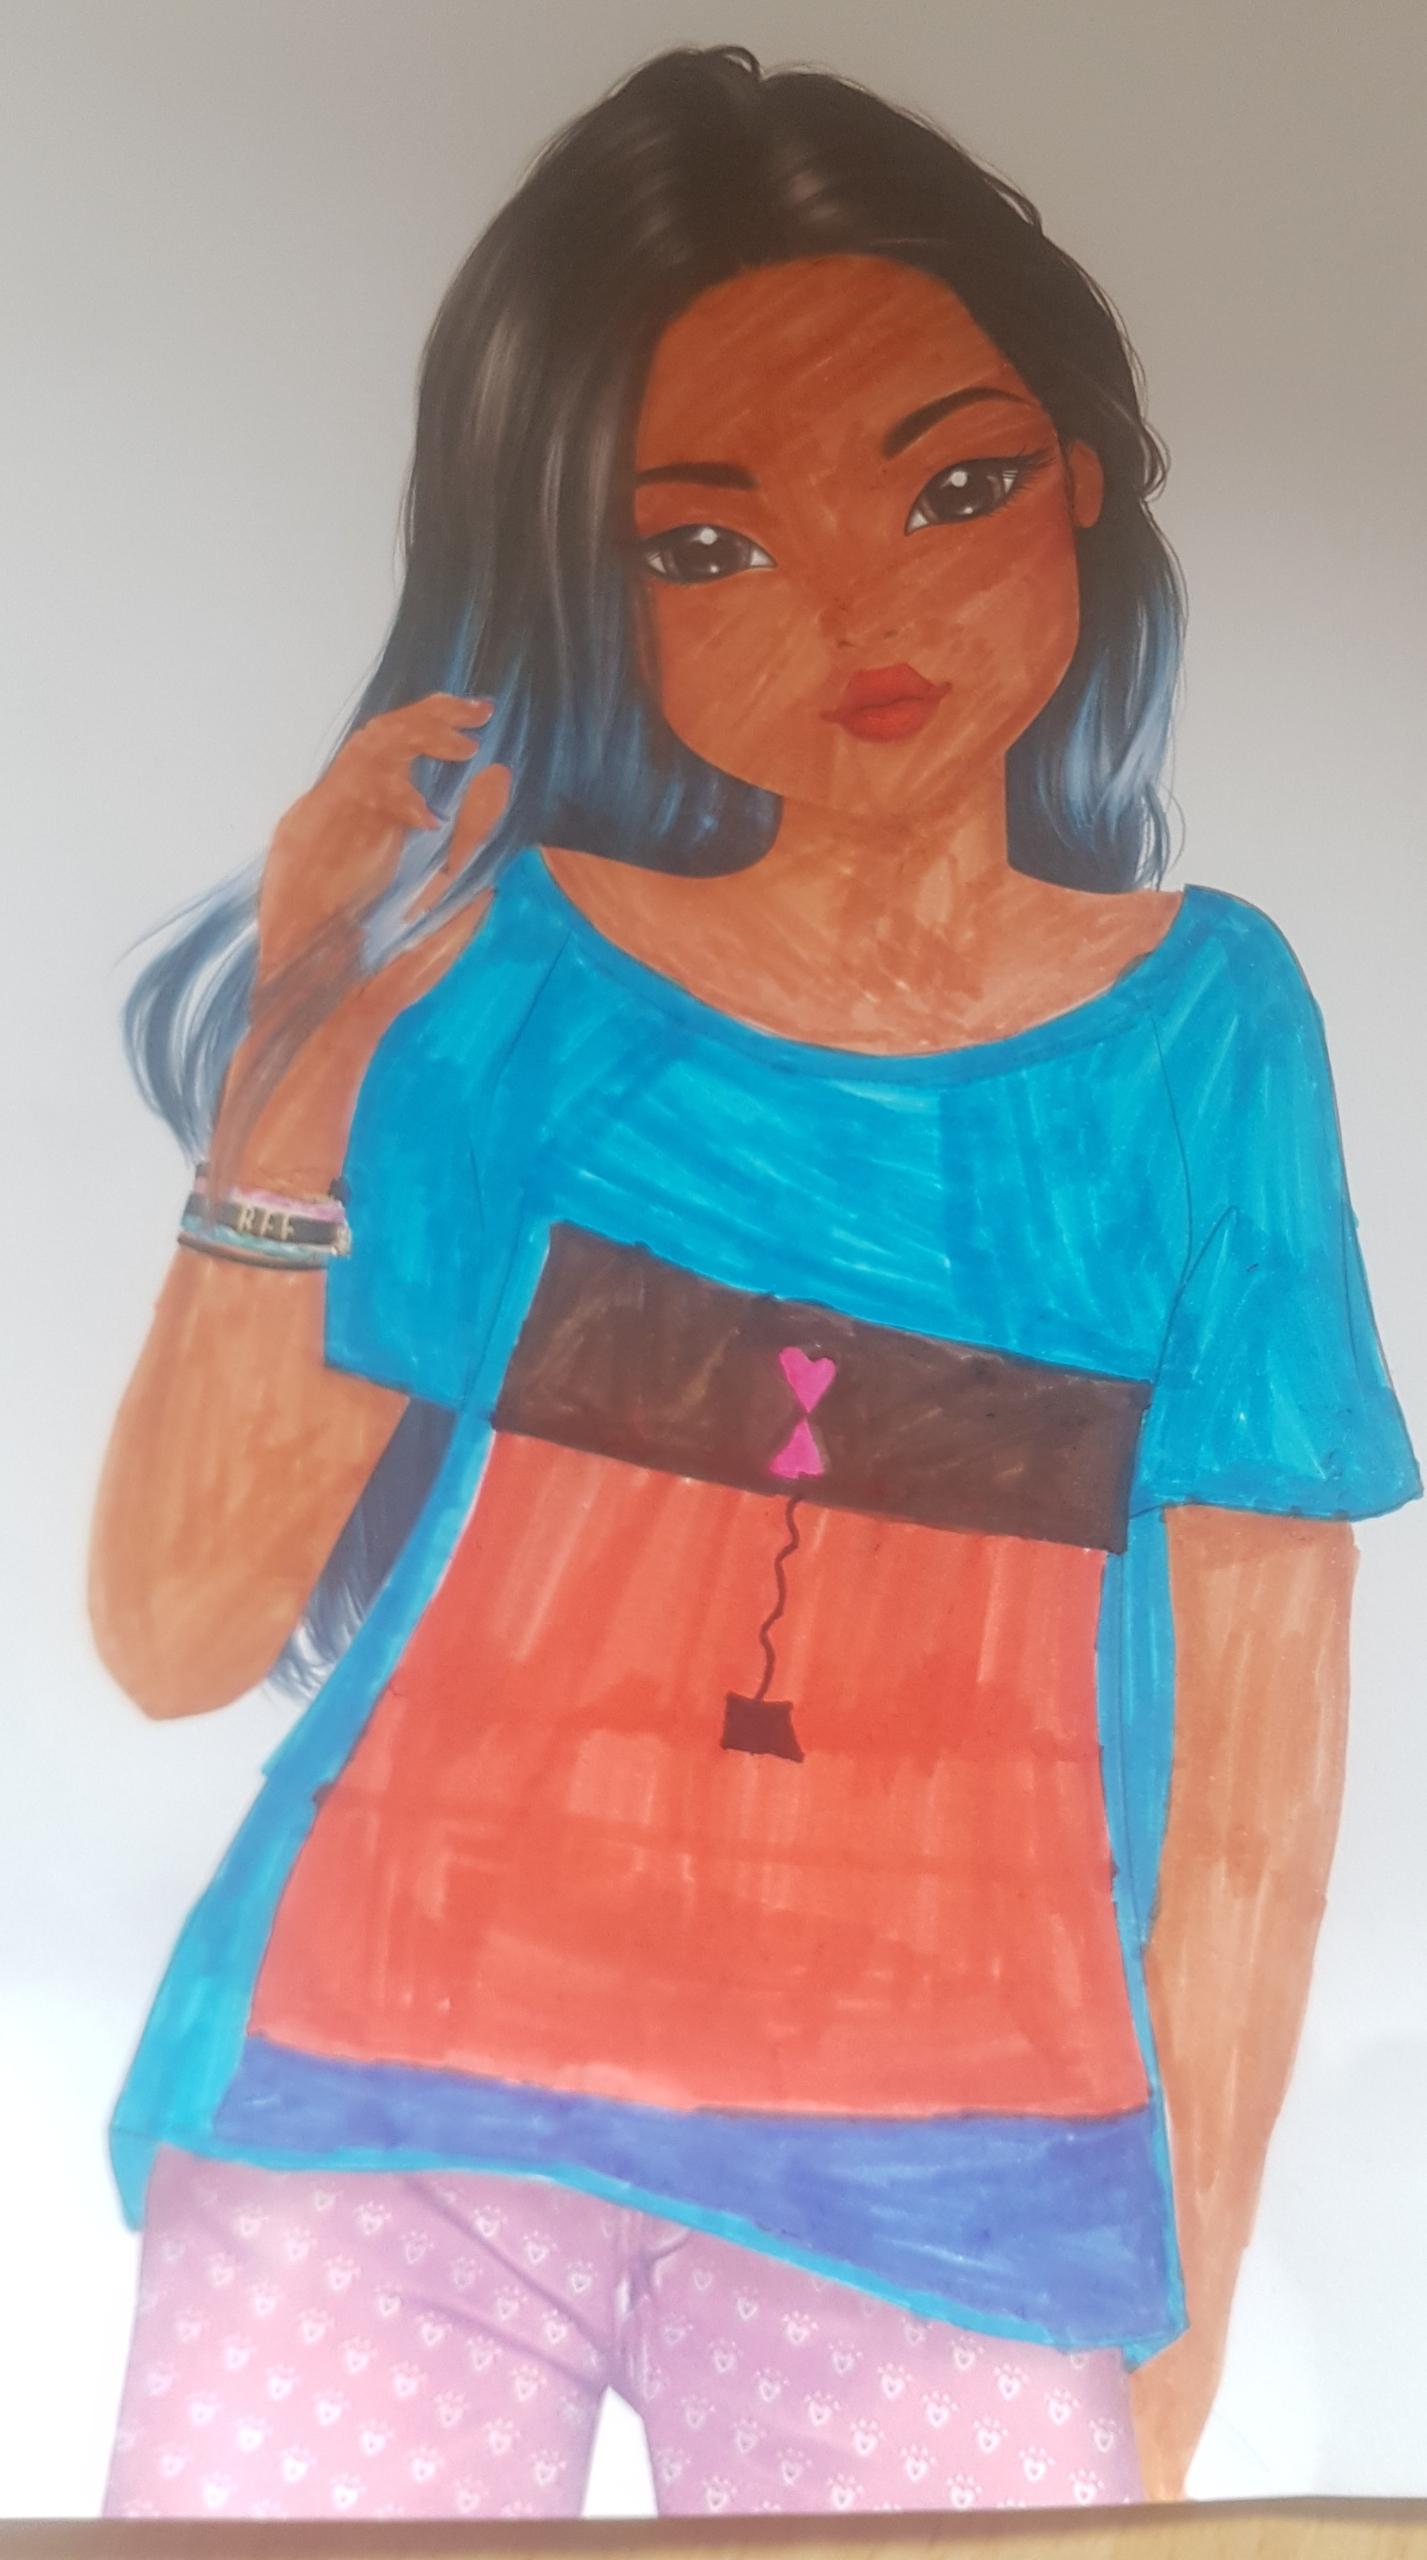 Merle Sophie liv K., 15 Jahre, aus Braunschweig